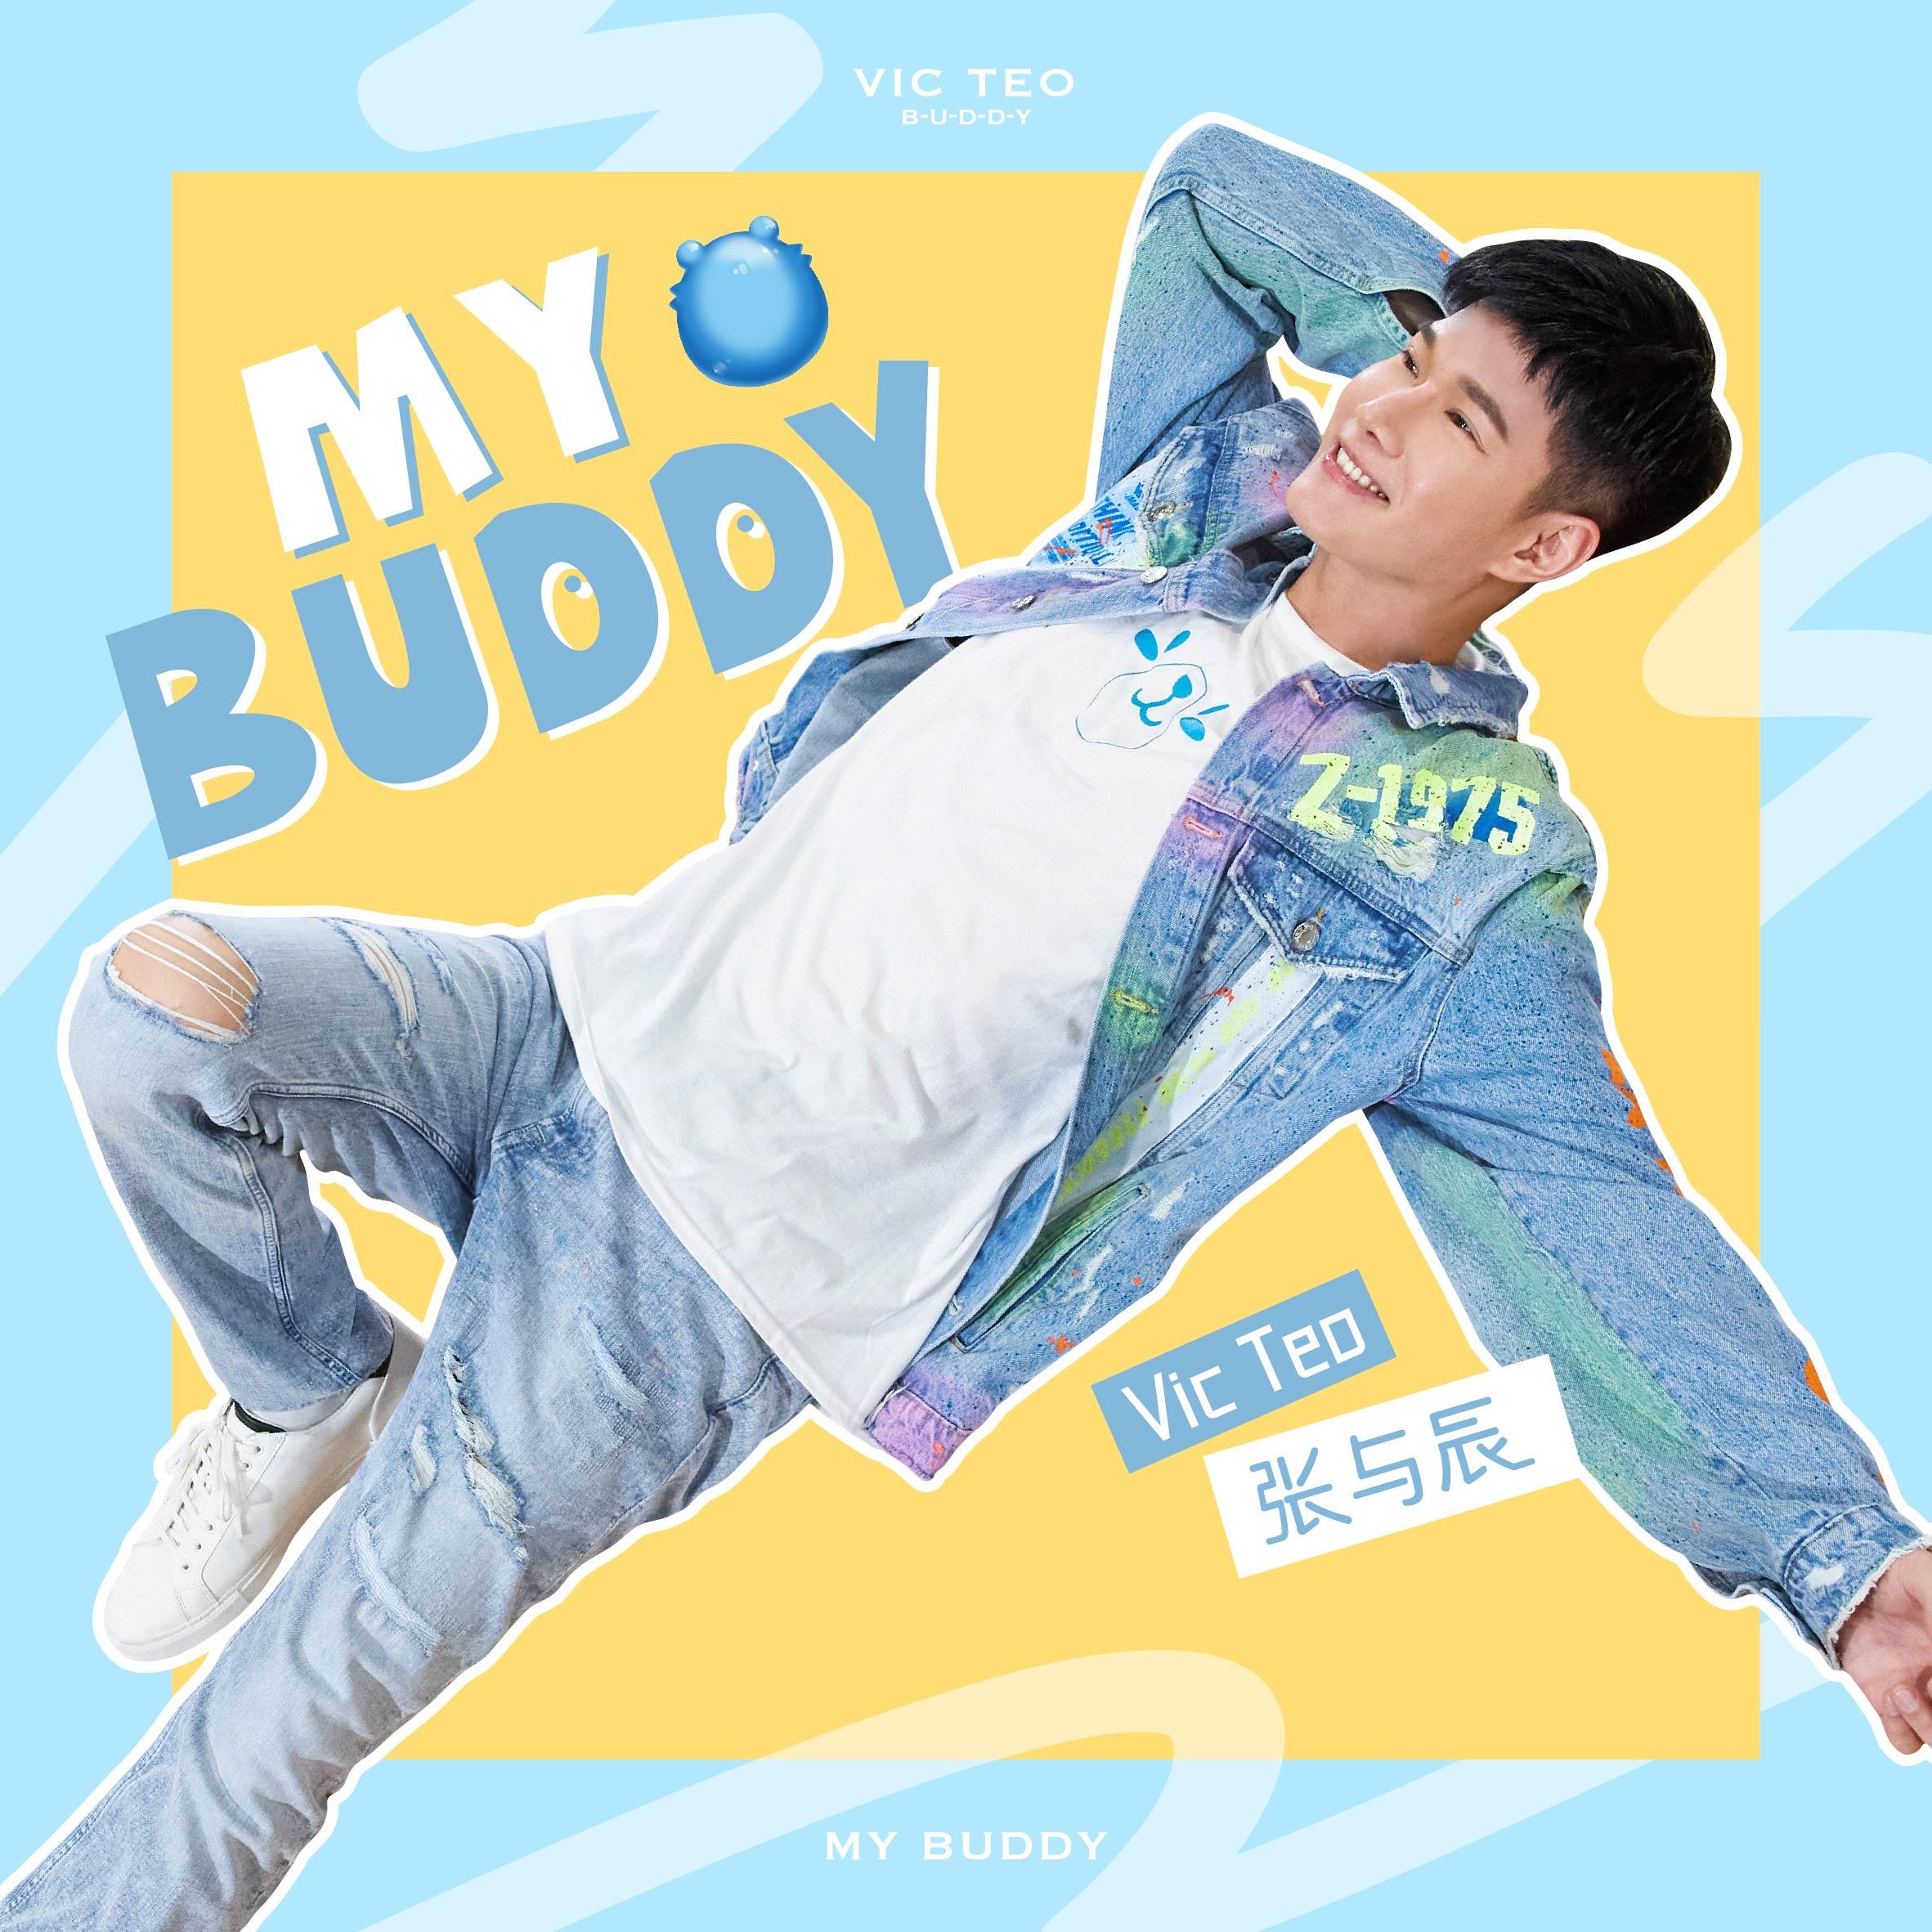 全能创作王张与辰逐梦单曲《My Buddy》欢乐上线